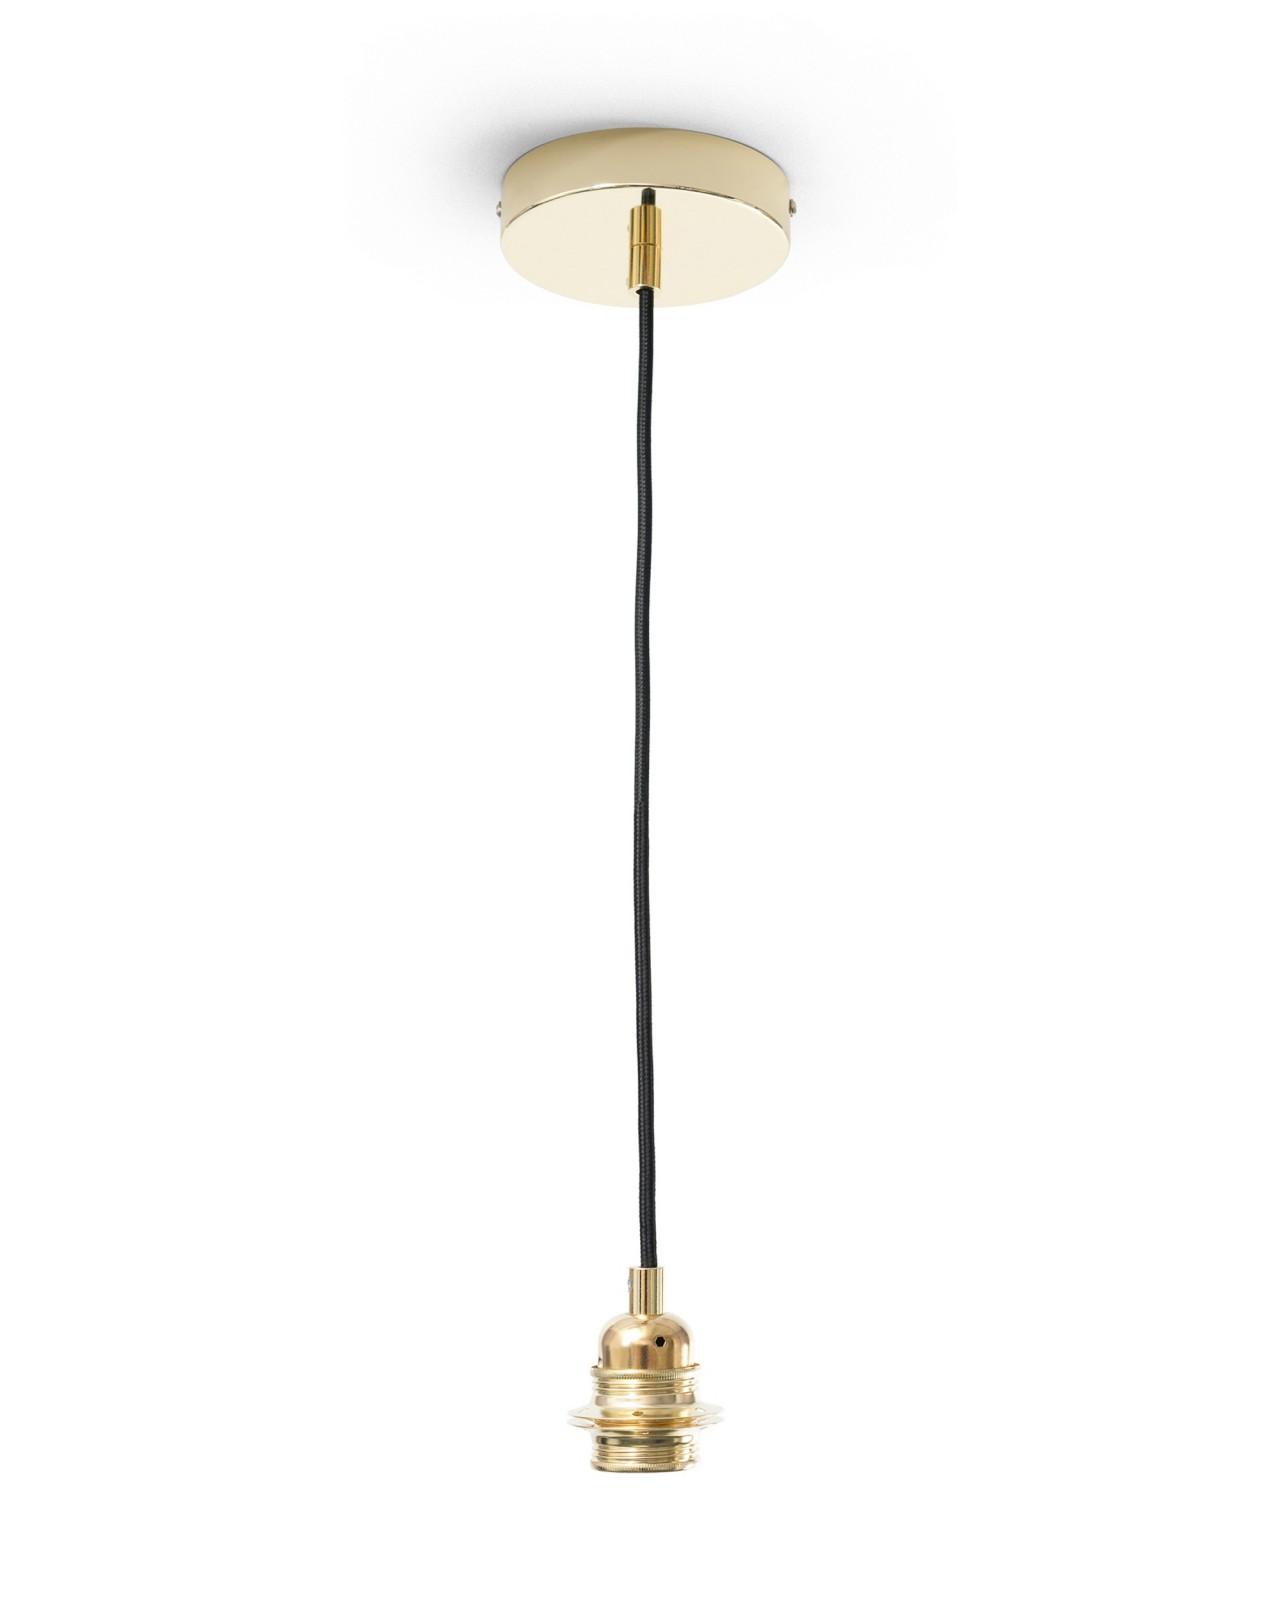 KIMATE Pendant Lamp